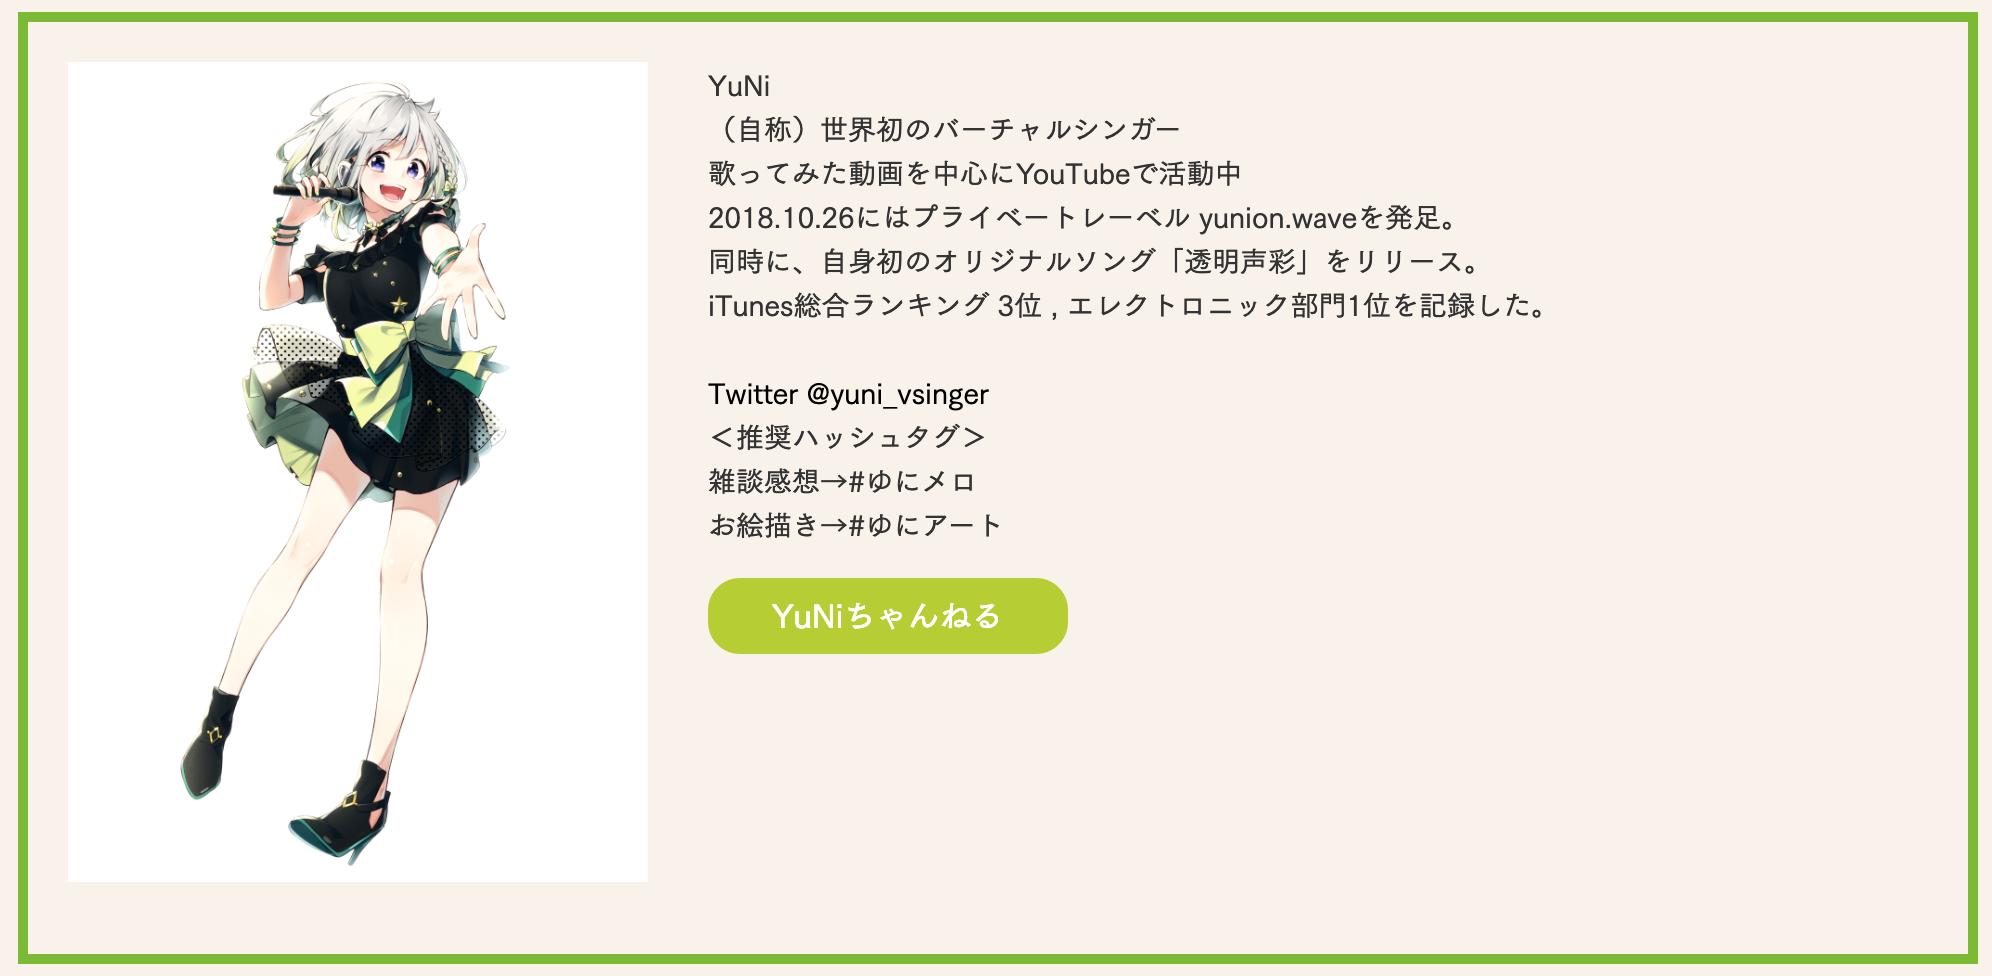 バーチャルシンガーのyuni(ユニ)って何者?iTunes総合ランキング 3位だってよ